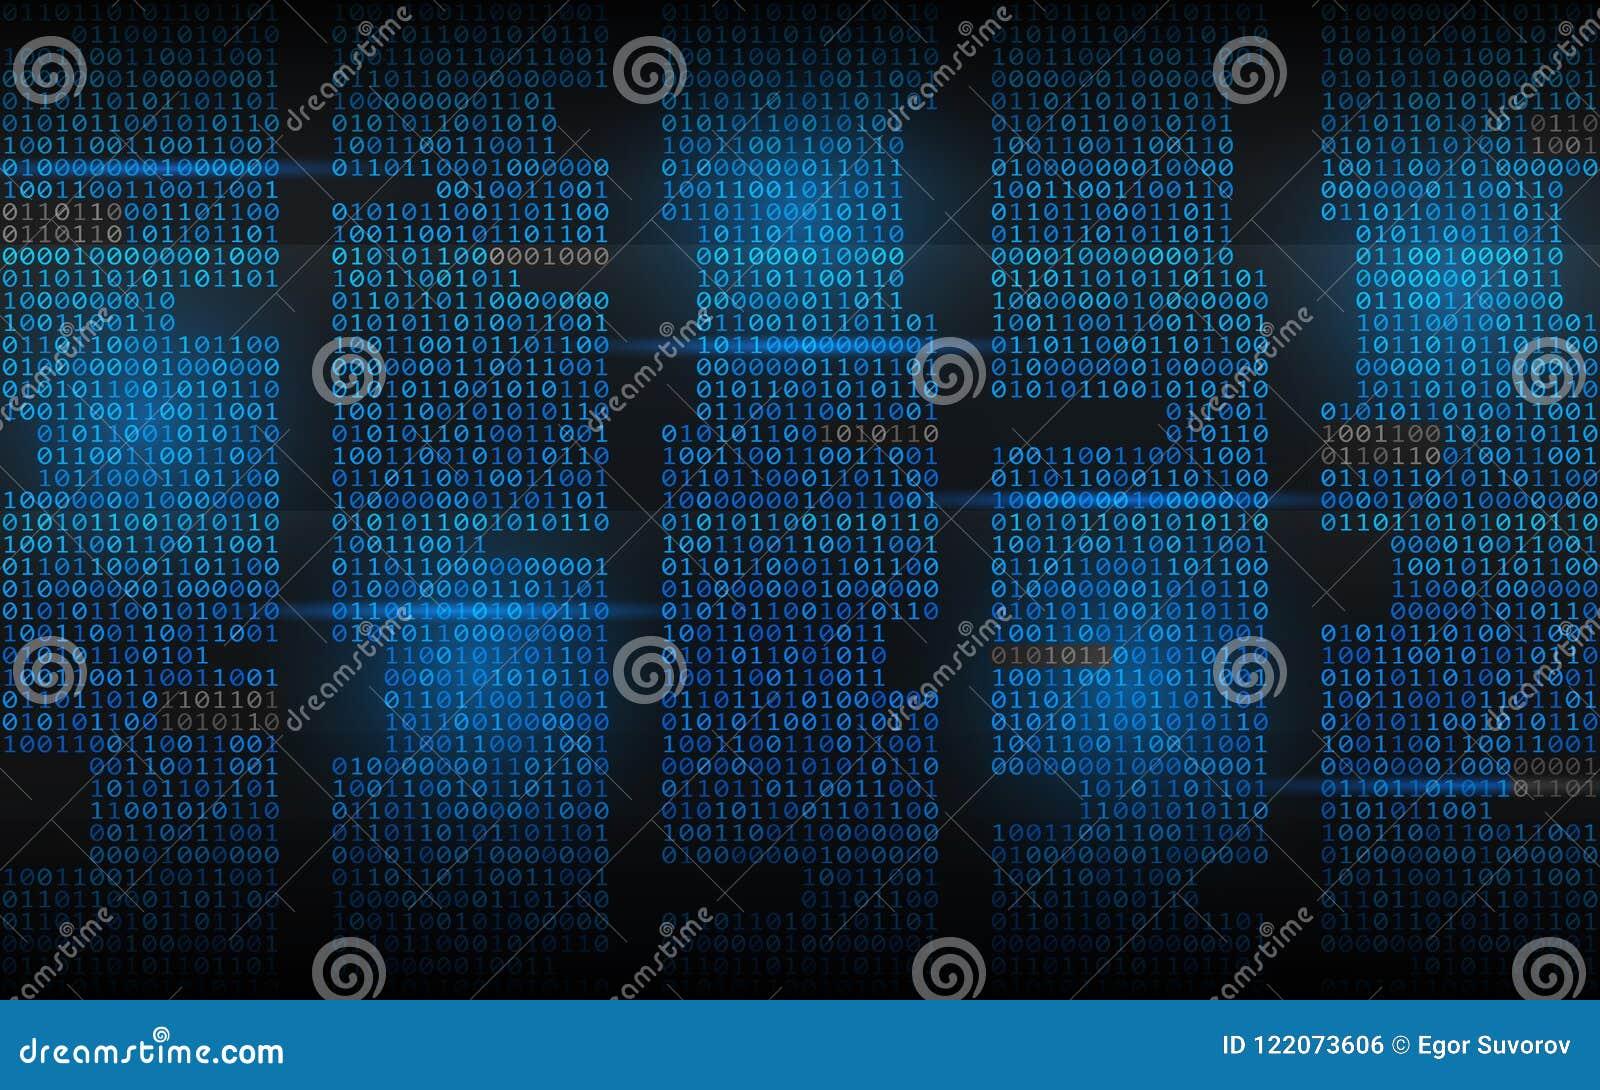 Бинарная предпосылка Абстрактный течь код Числа матрицы на темном фоне Голубые столбцы с светами Прорубленная концепция